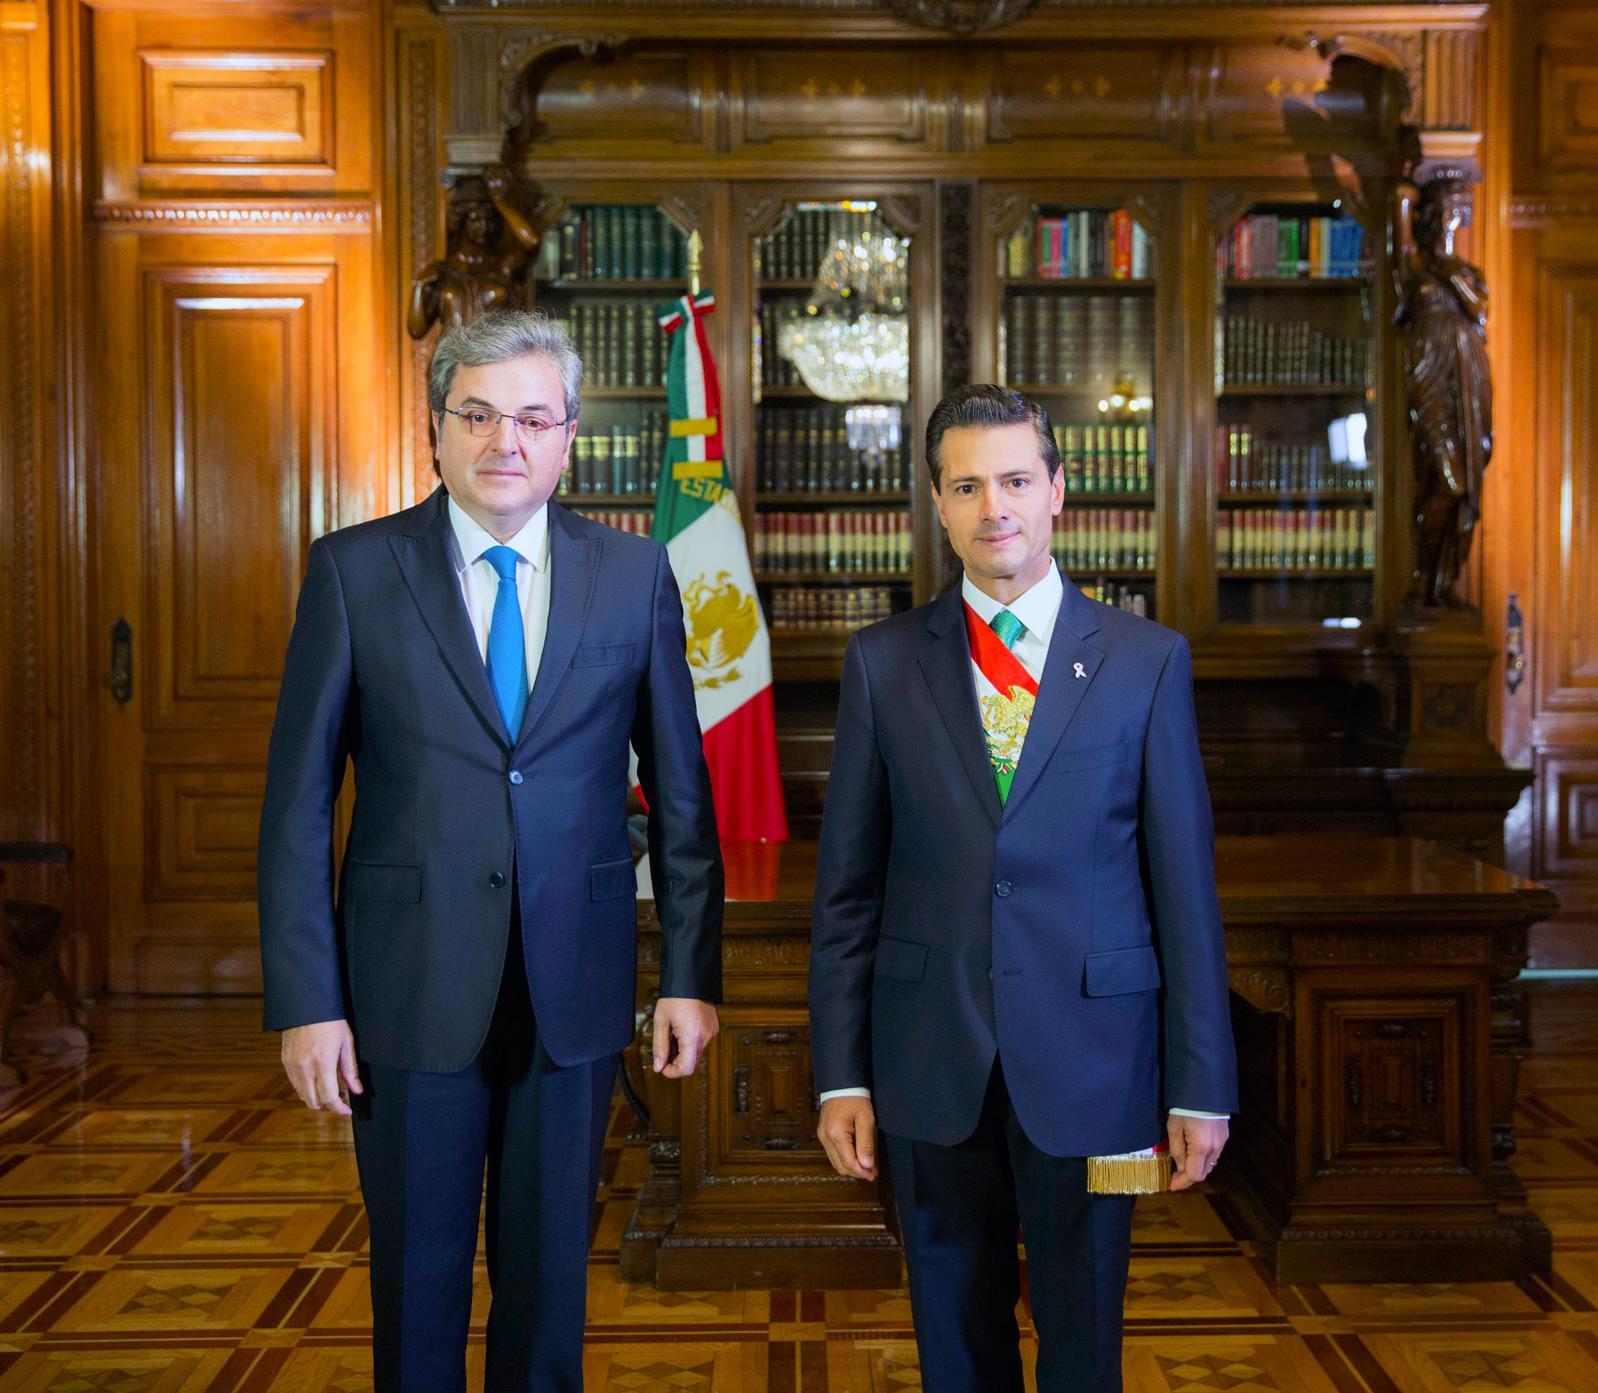 El Primer Mandaario con el señor Ion Vilcu, Embajador de Rumania.